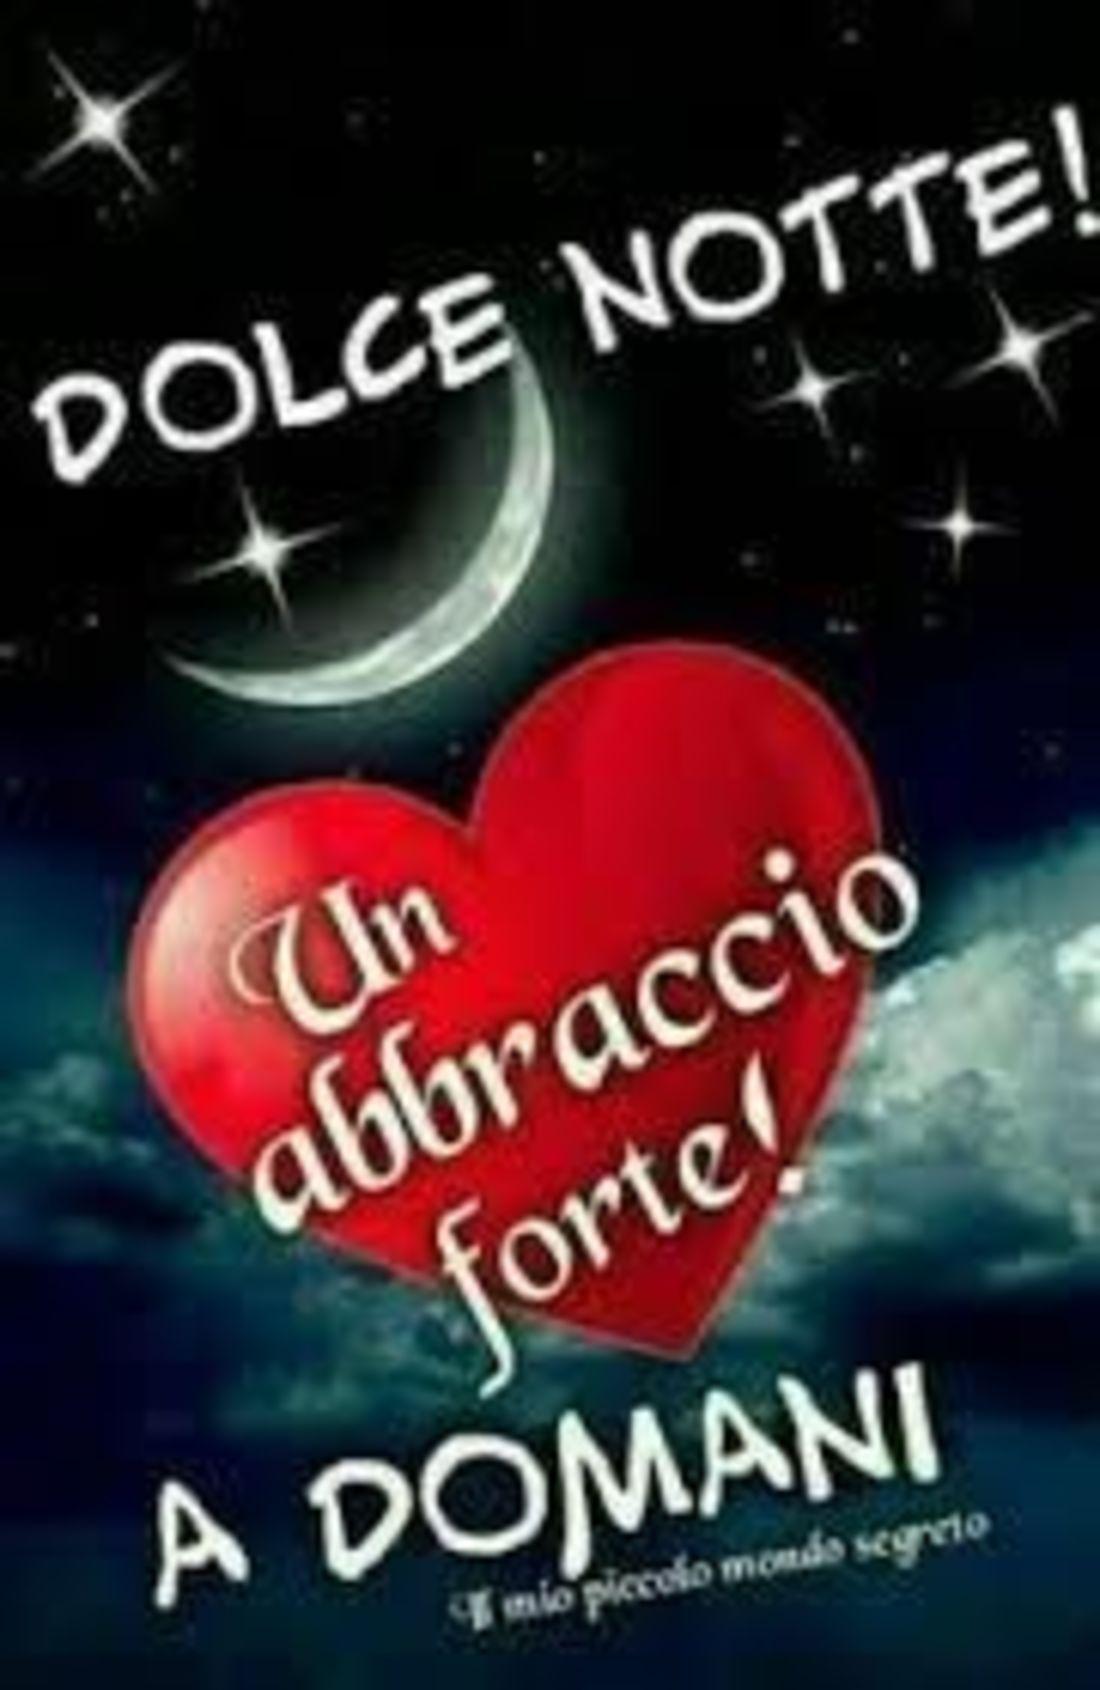 Hilo para dar las buenas noches  - Página 2 0b0cc76e7cb1d0906cf030e124e3f096